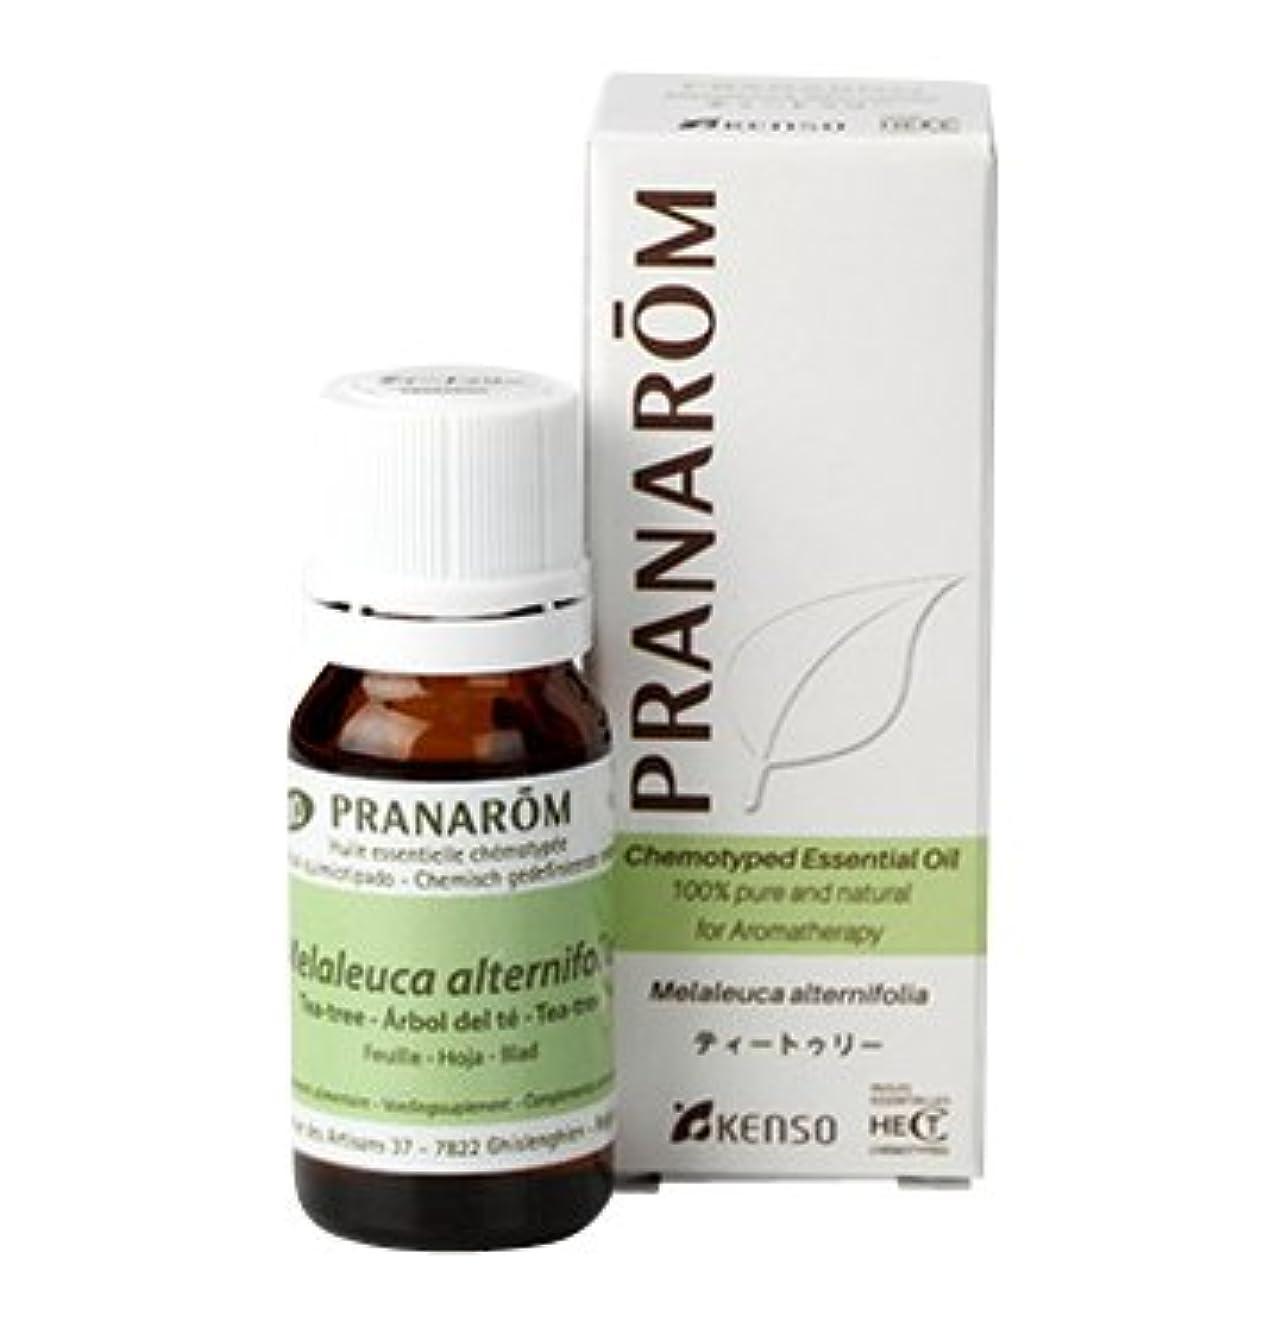 バッテリー繊維快適プラナロム ( PRANAROM ) 精油 ティートゥリー 10ml p-109 ティーツリー ティートリー